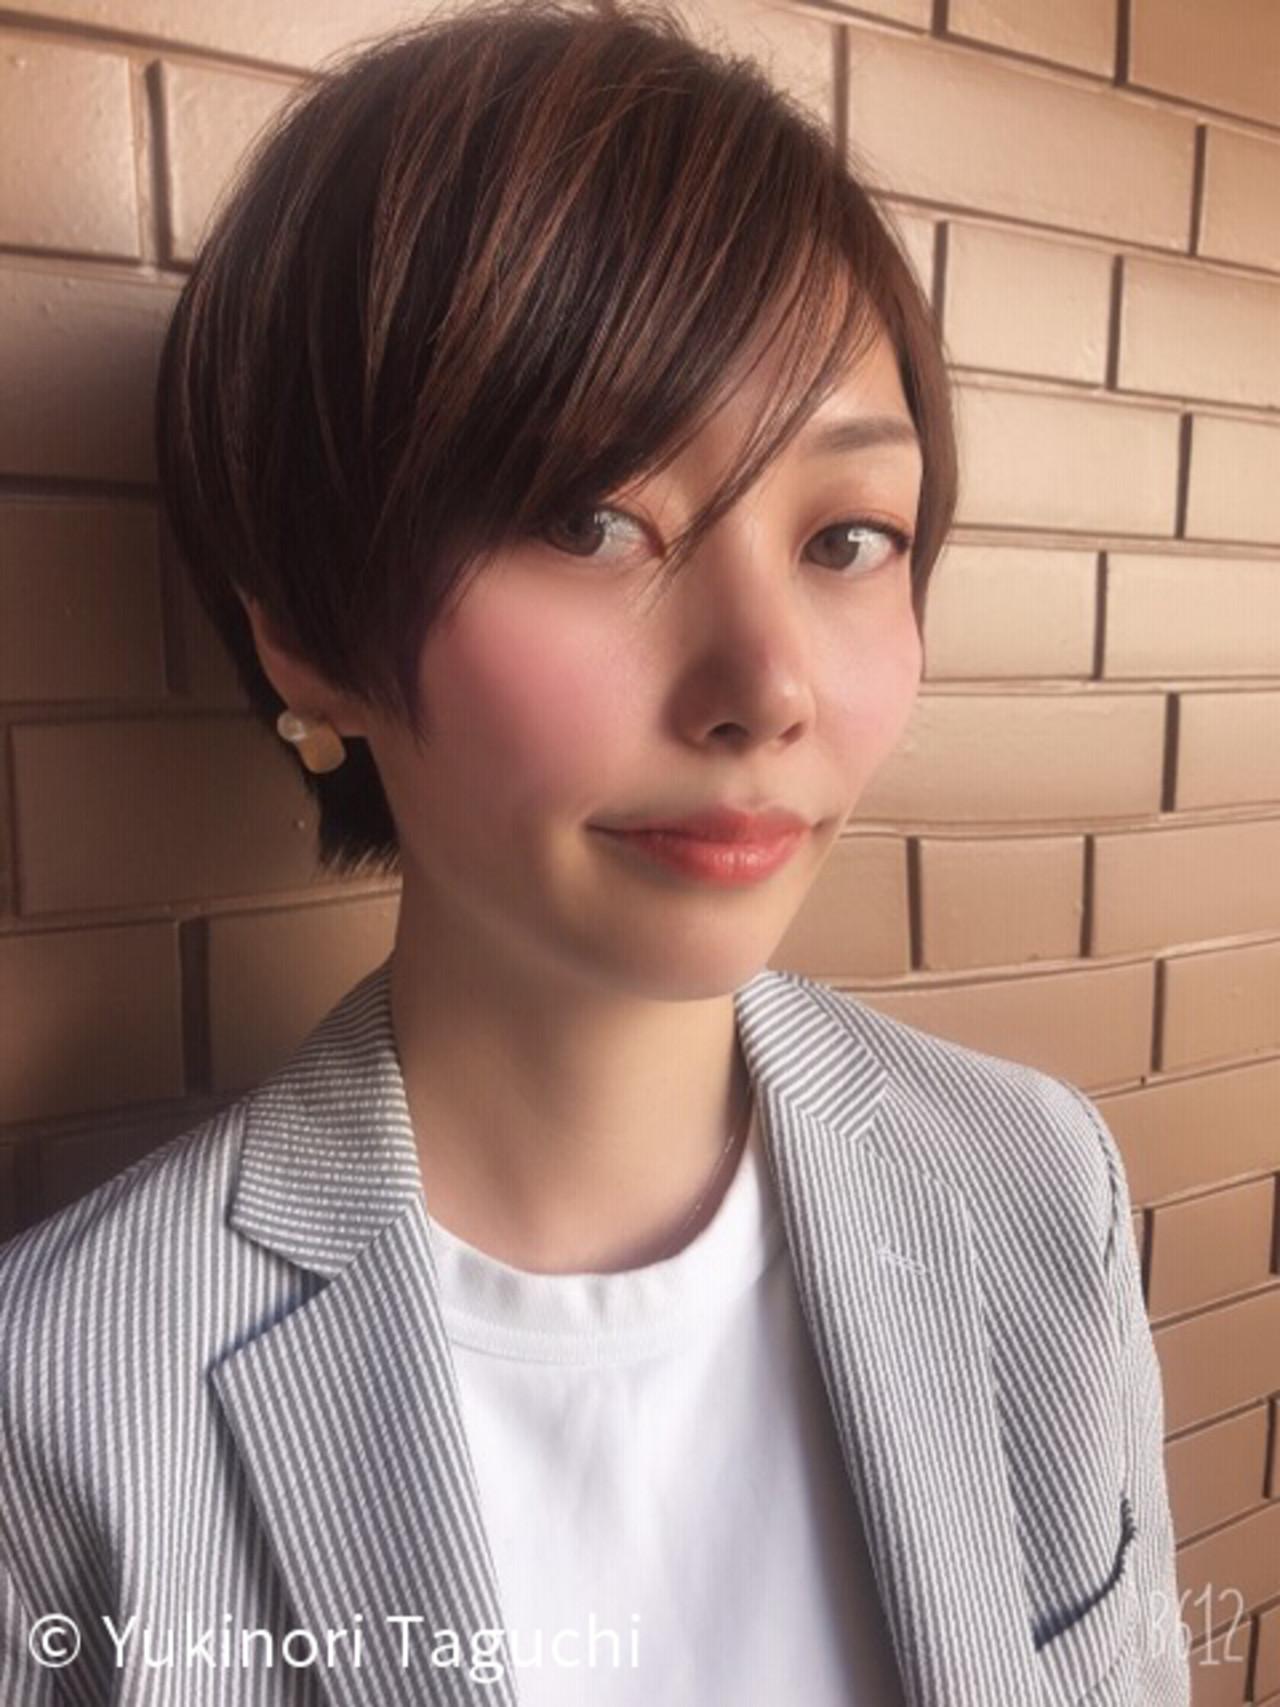 オフィス 大人かわいい カジュアル ヘアカラー ヘアスタイルや髪型の写真・画像